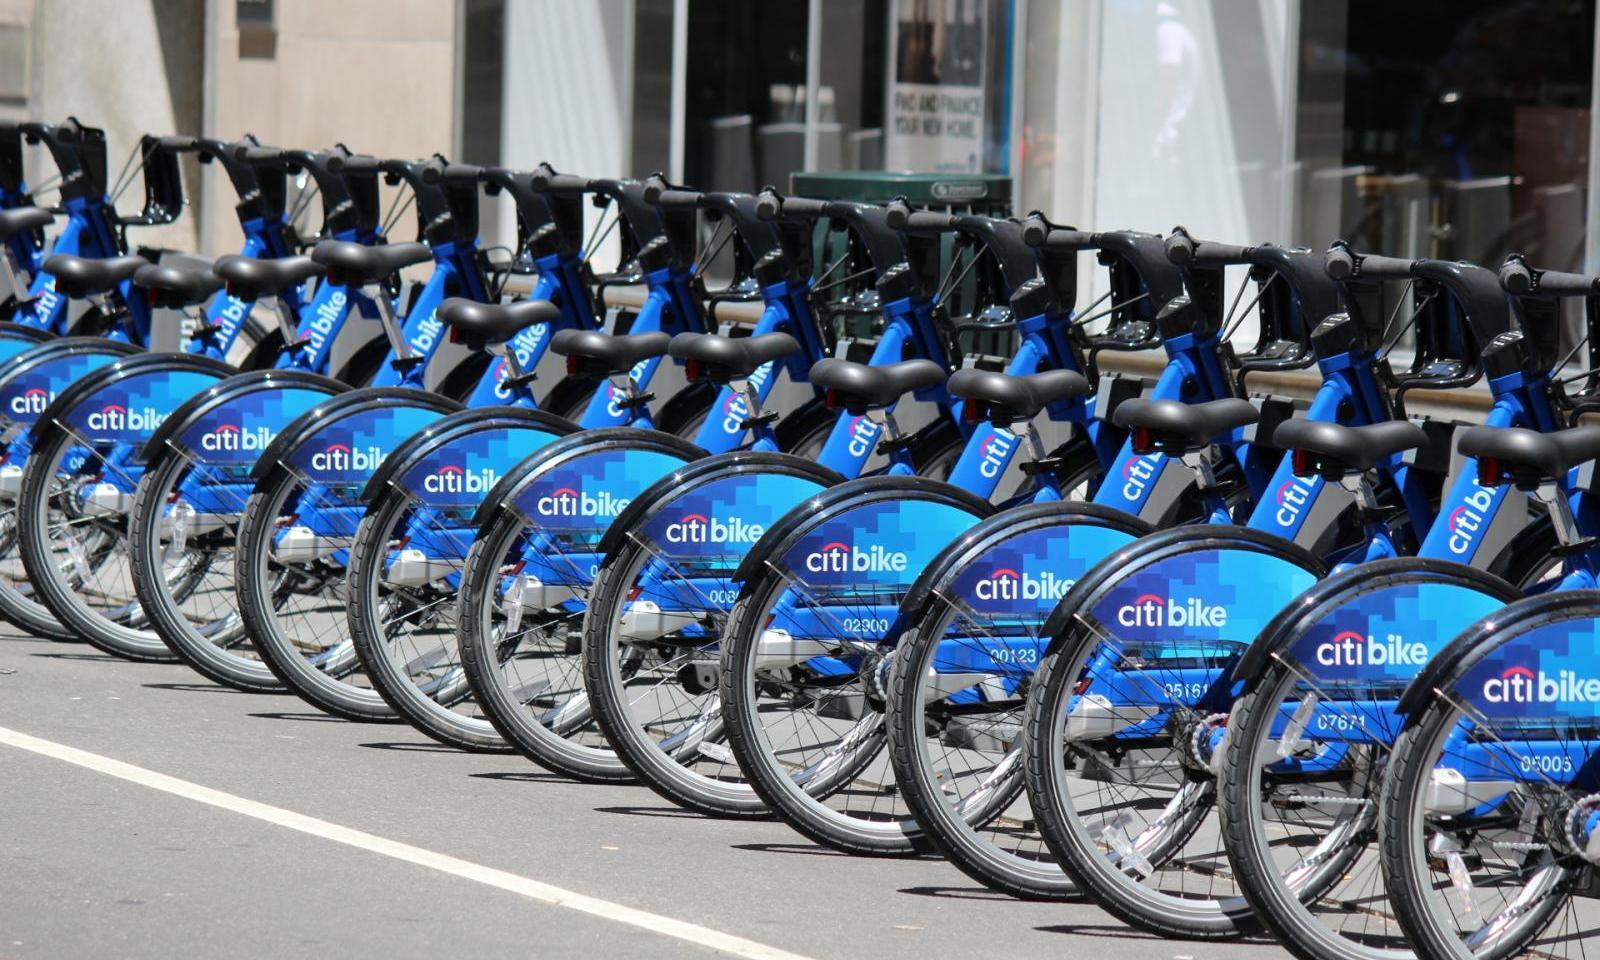 ᐅ citi bikes in miami → 2021 citi bike in miami & miami beach